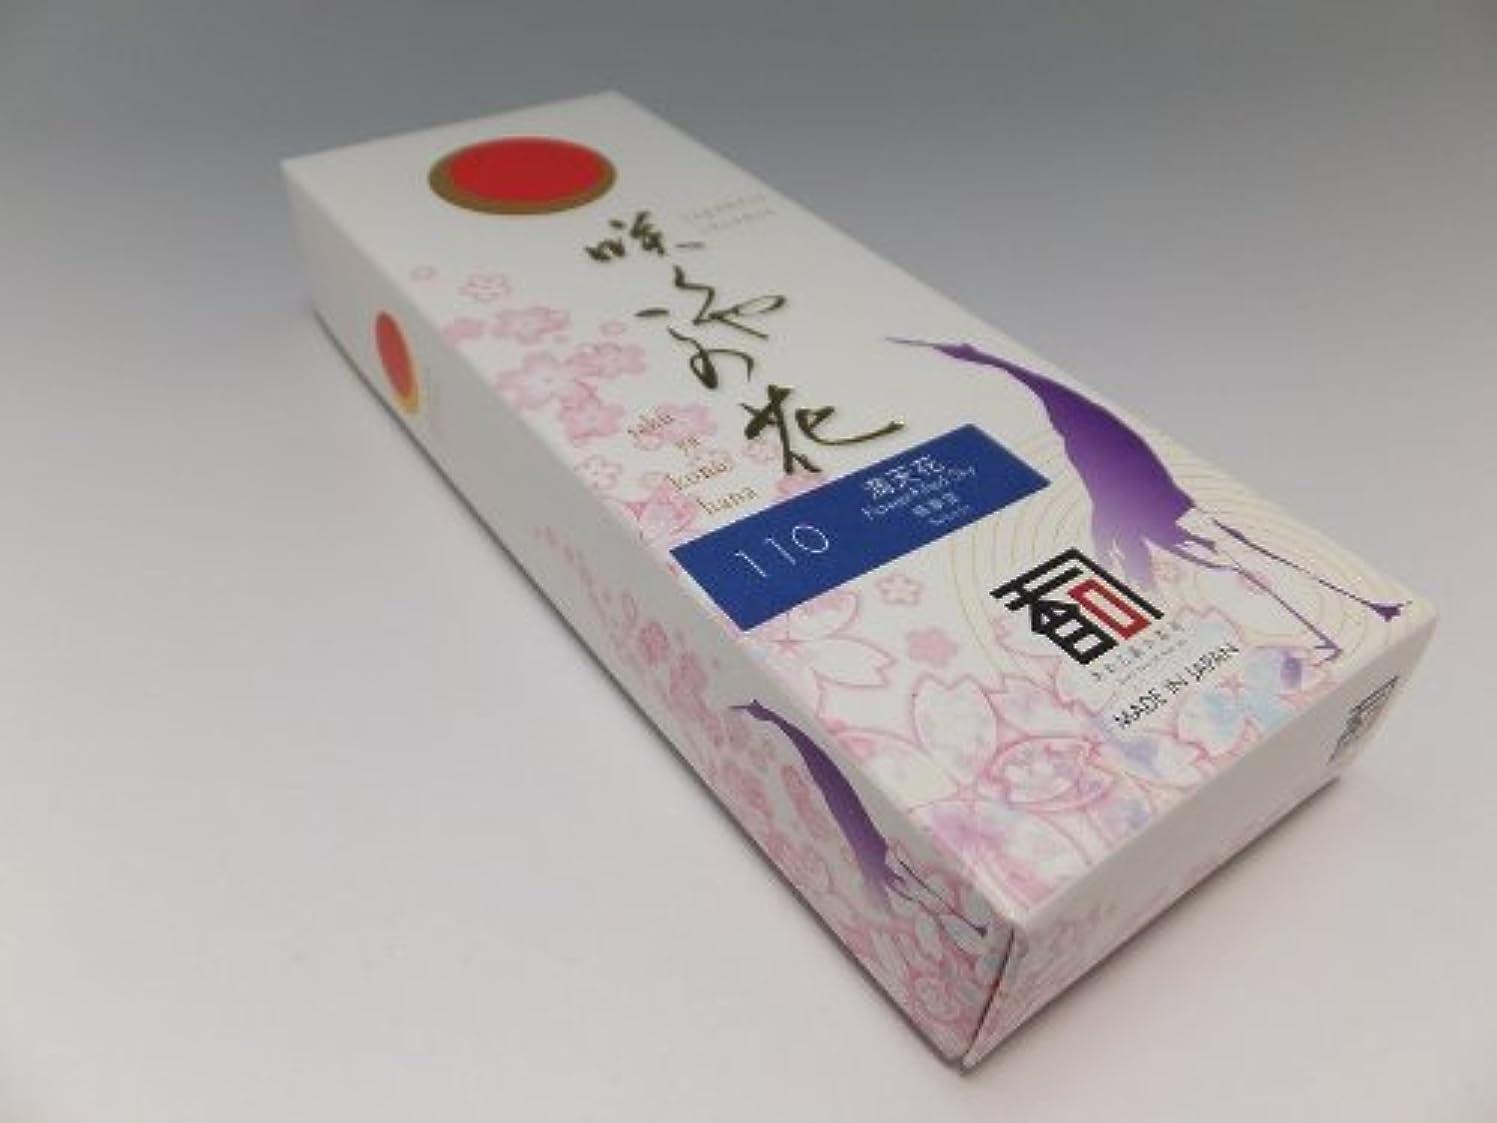 星喜びマネージャー「あわじ島の香司」 日本の香りシリーズ  [咲くや この花] 【110】 満天花 (煙少)